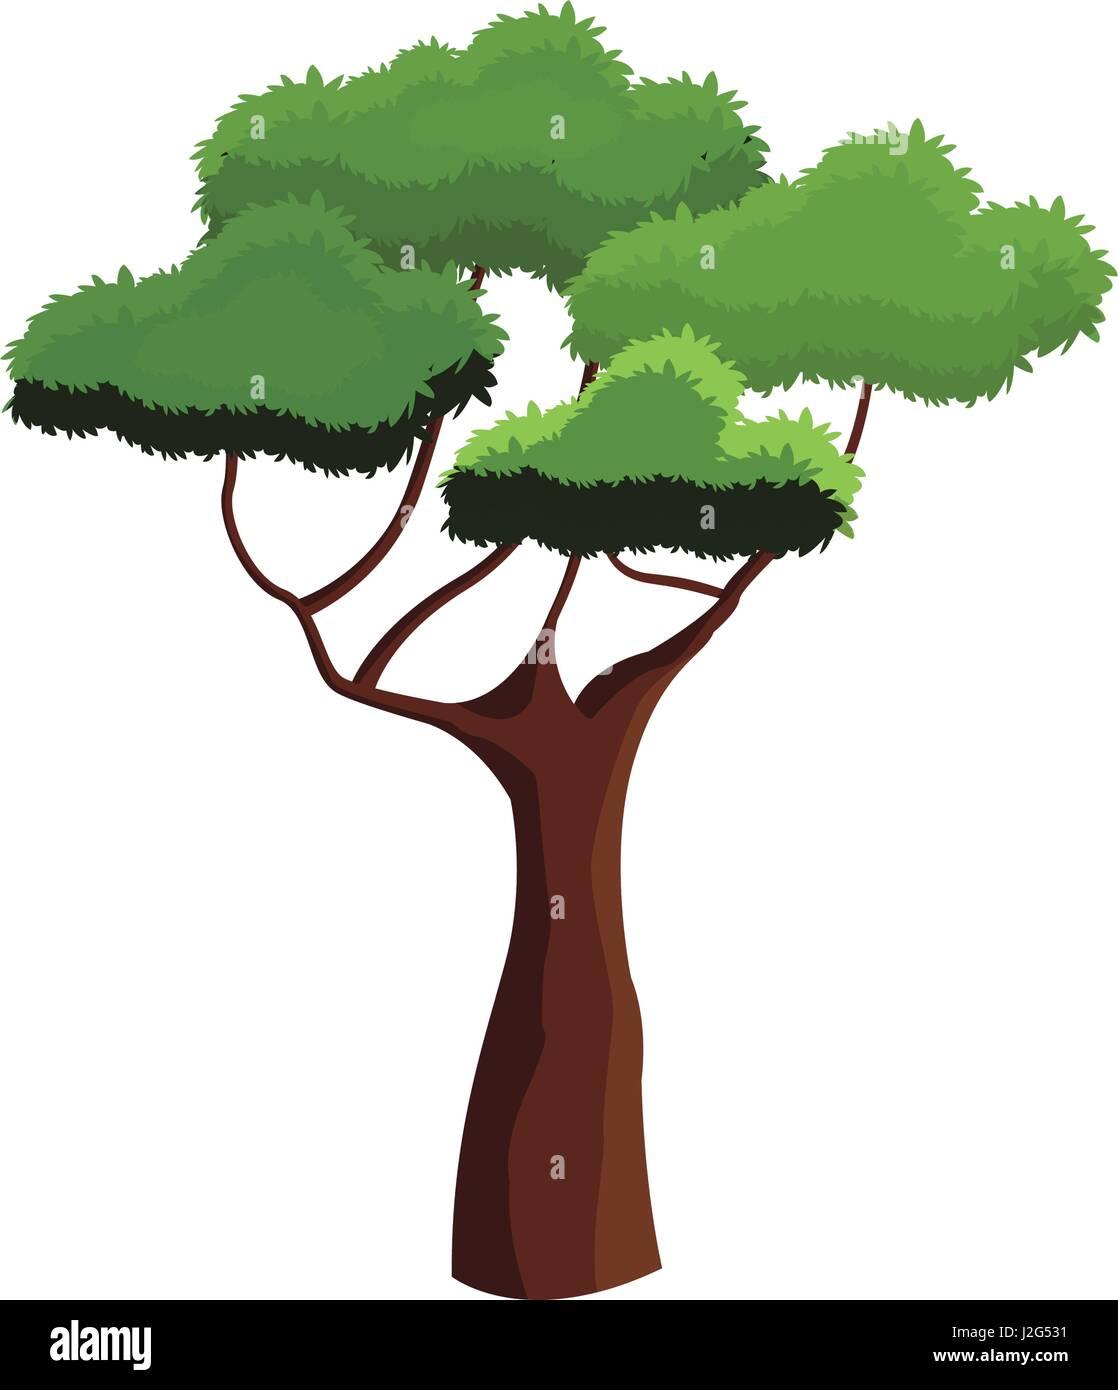 Le feuillage de l'arbre d'Afrique de l'écosystème haut sur fond blanc Photo Stock